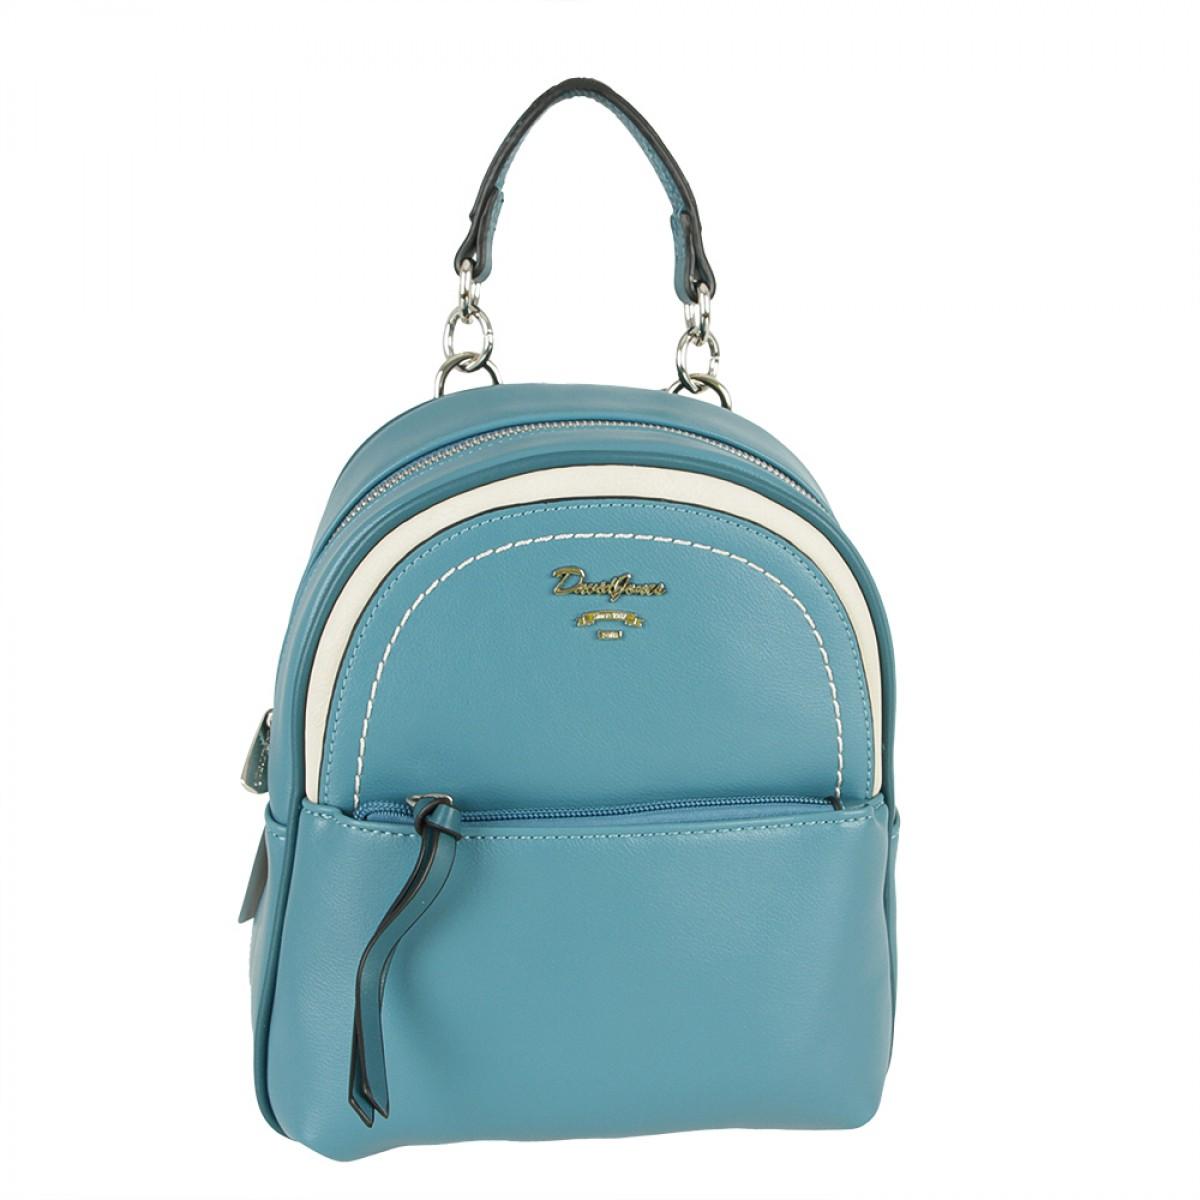 Жіночий Рюкзак David Jones 6204-3 PEACOCK BLUE